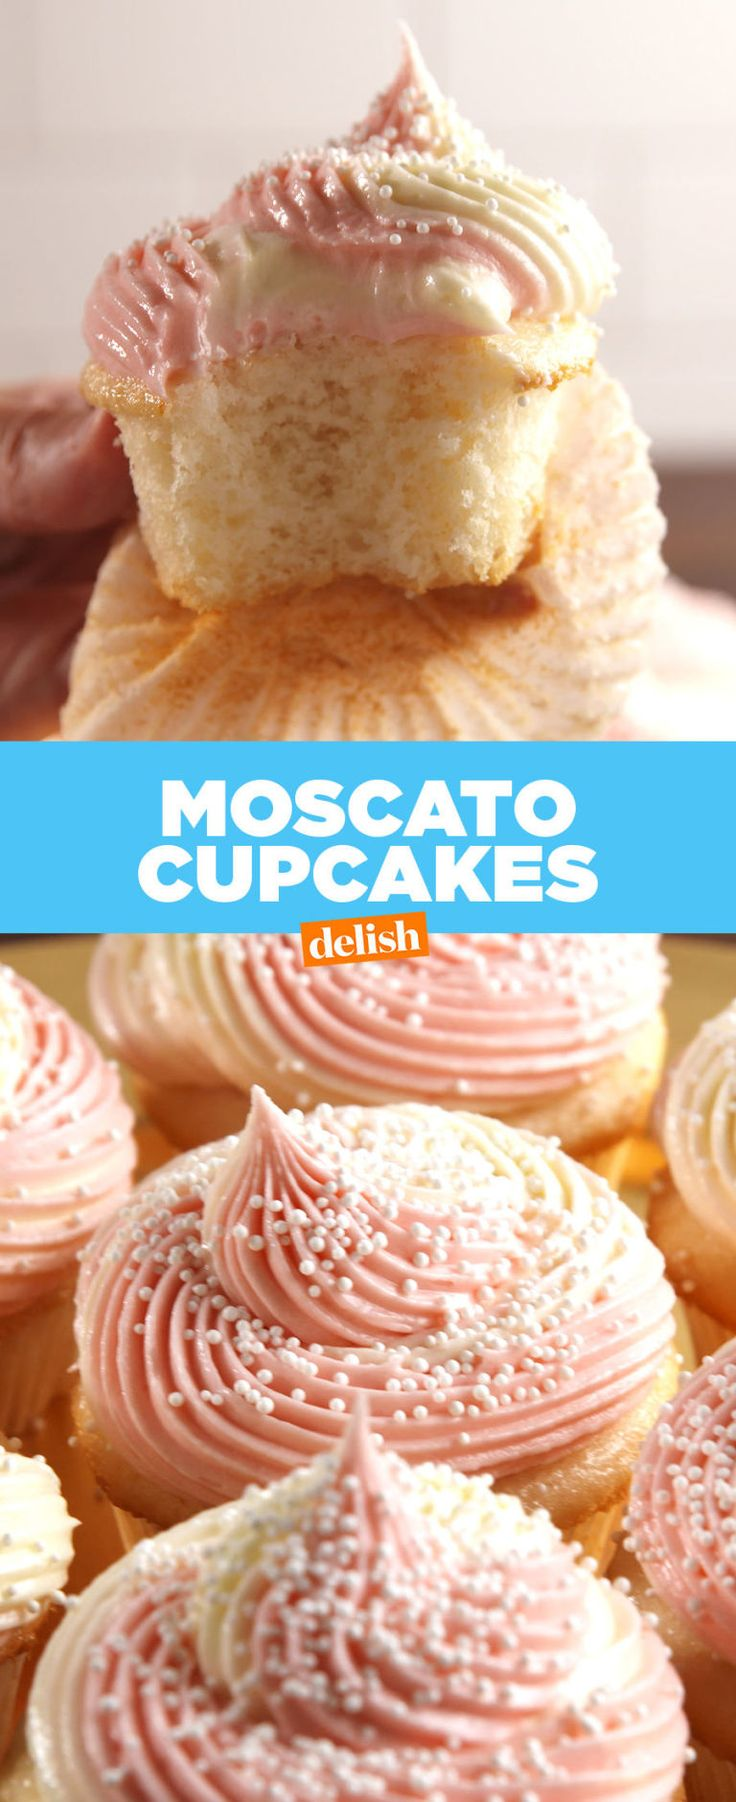 Moscato Cupcakes Are Dessert Goals  - Delish.com